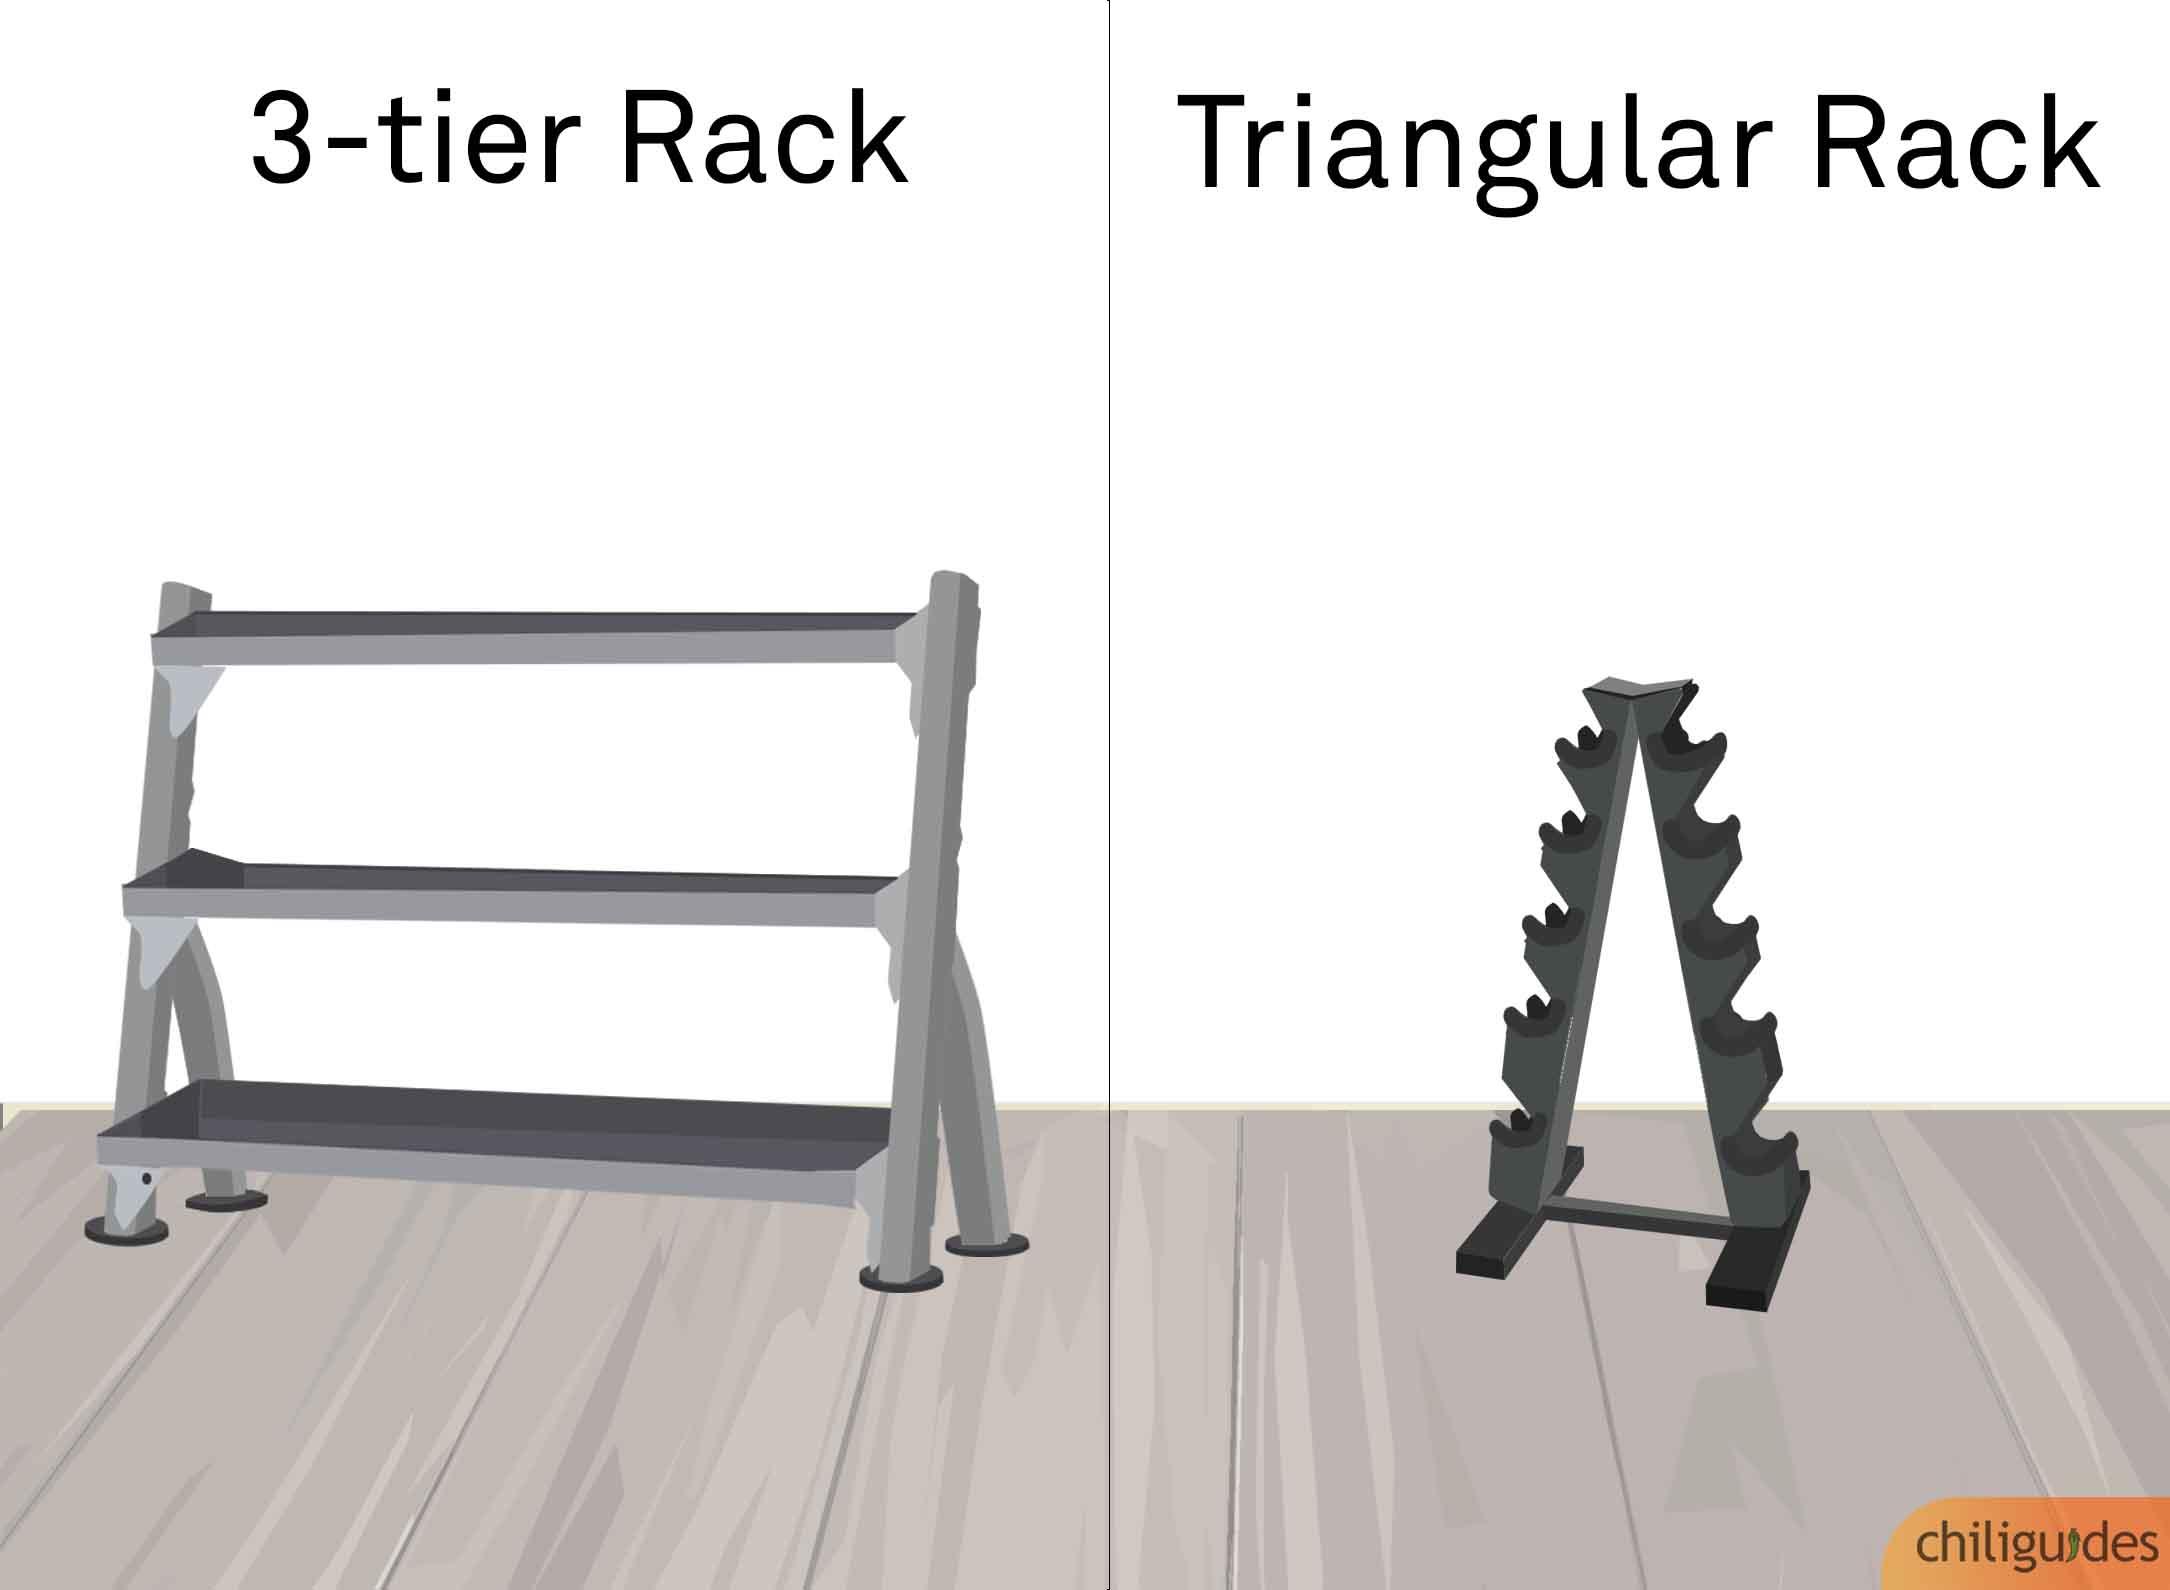 <p><b>3 Tier Rack vs. Triangular Rack</b></p>